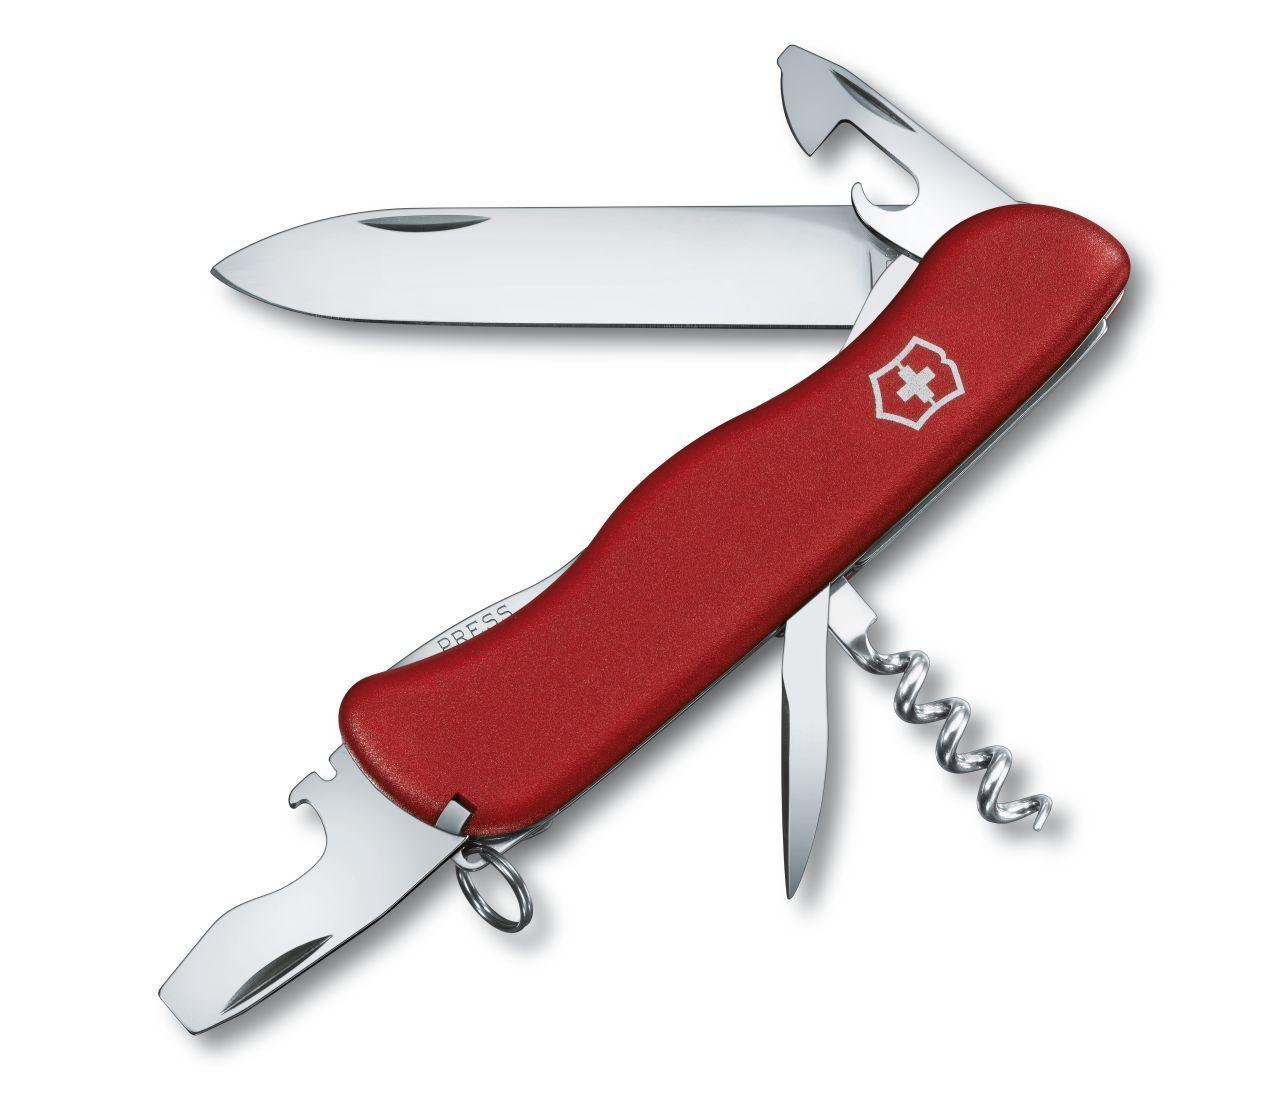 Складной нож Victorinox Picknicker 2017 (0.8353) - Wenger-Victorinox.Ru